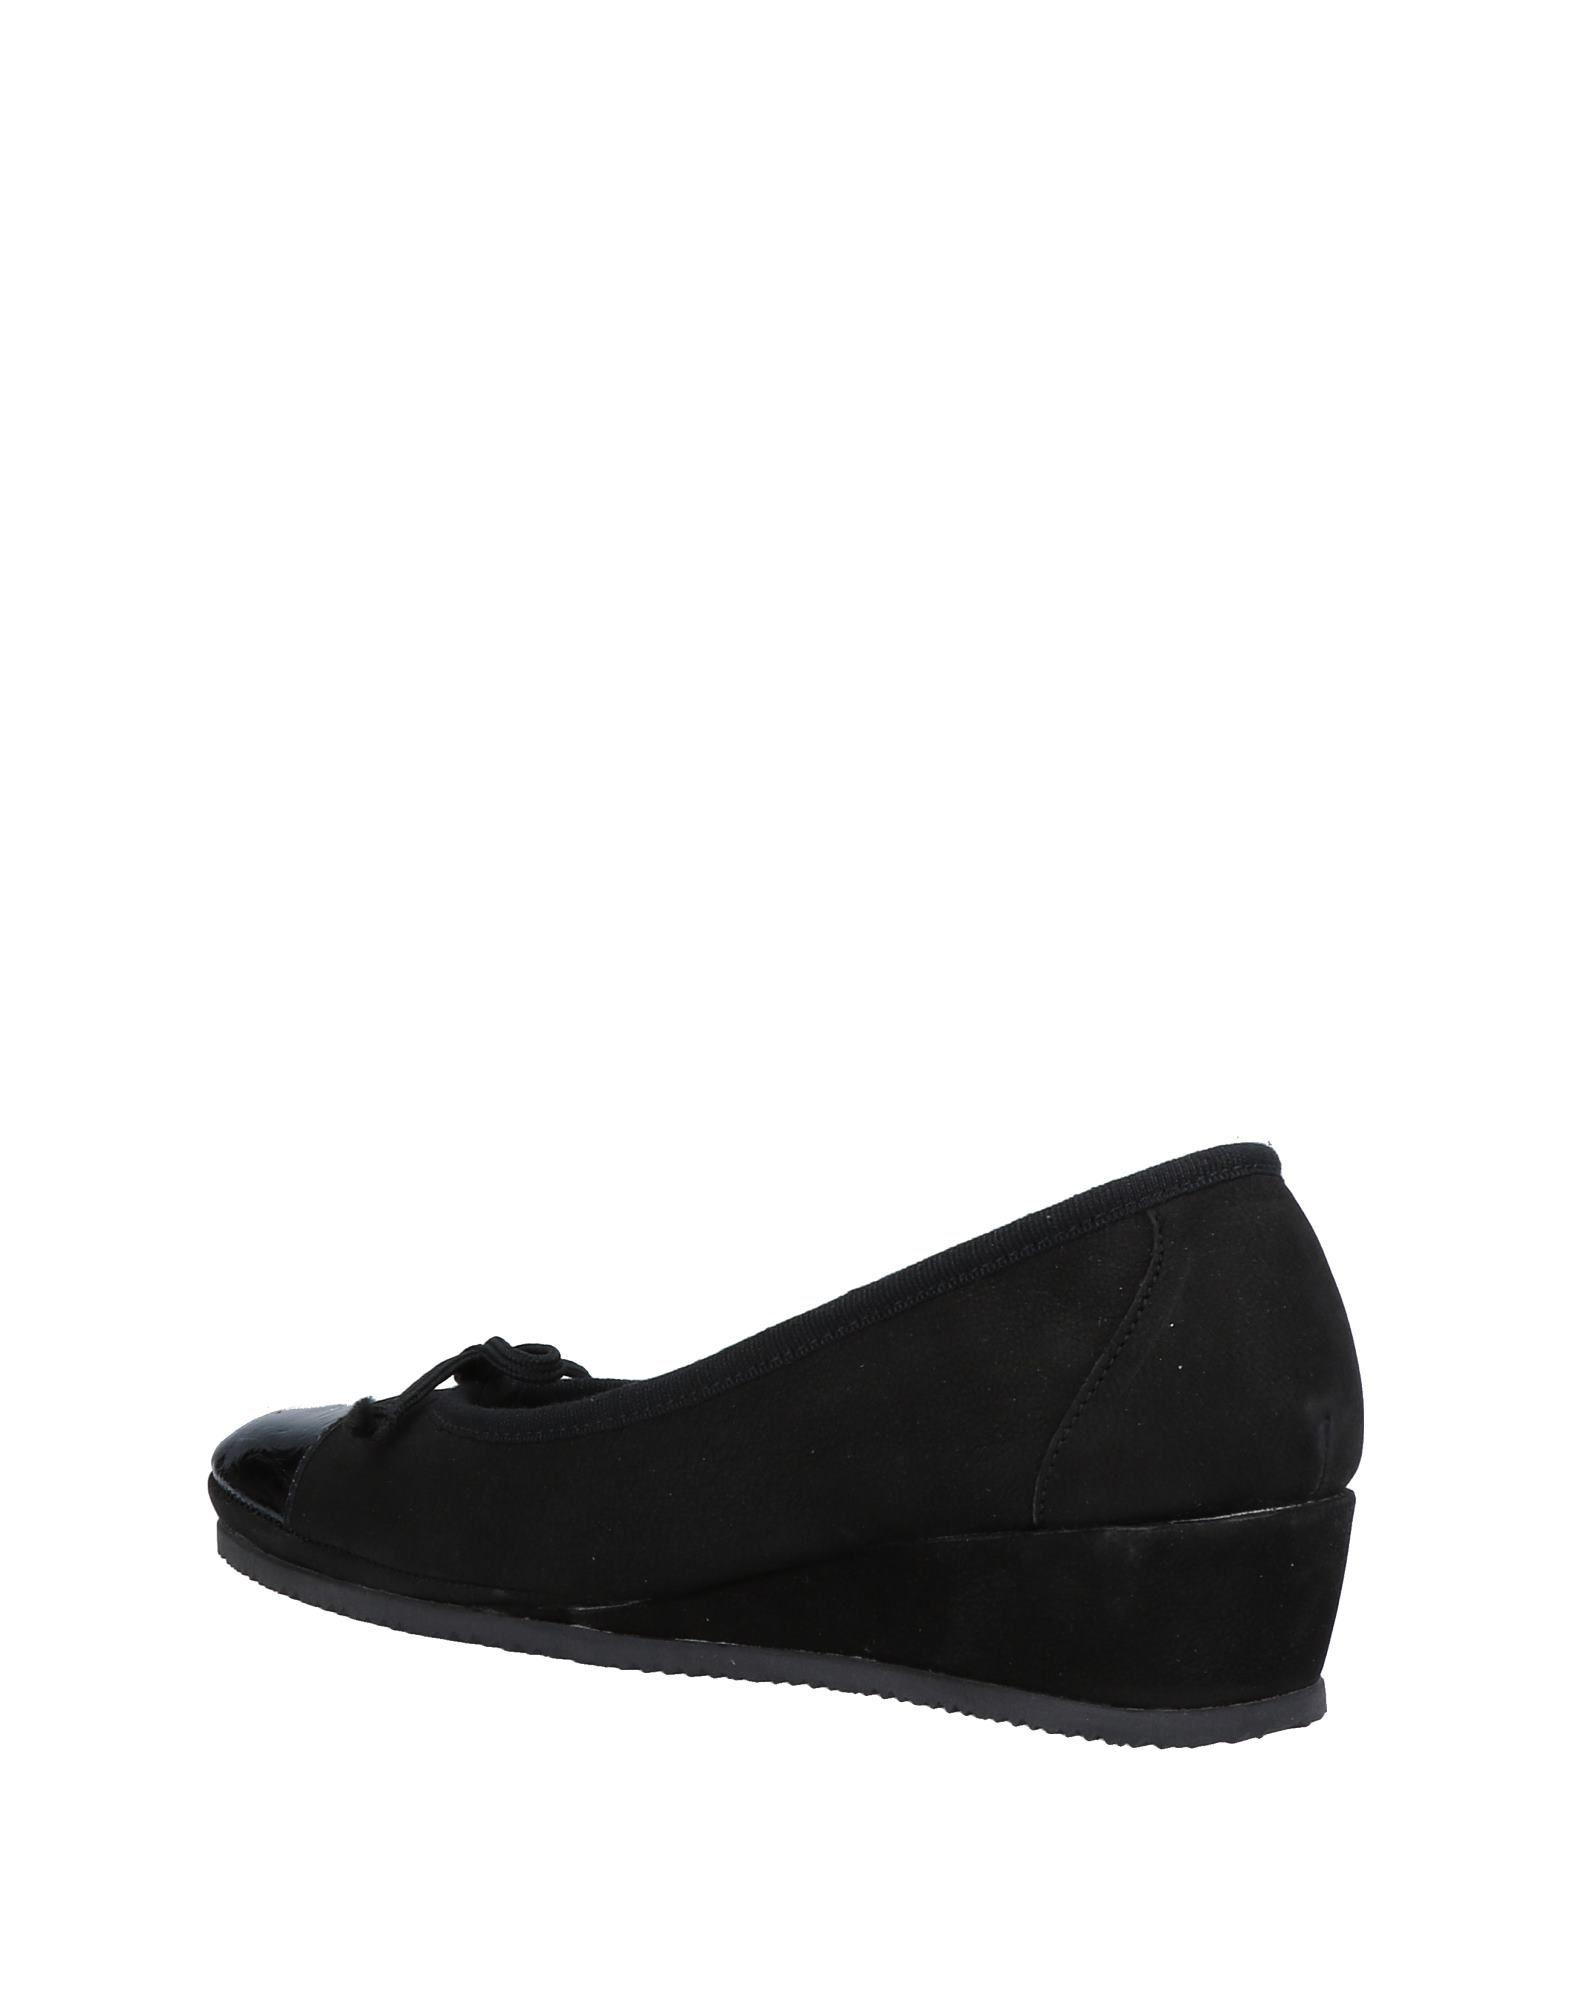 Creazioni 11462142NH Annamaria Pumps Damen  11462142NH Creazioni Gute Qualität beliebte Schuhe 550d91